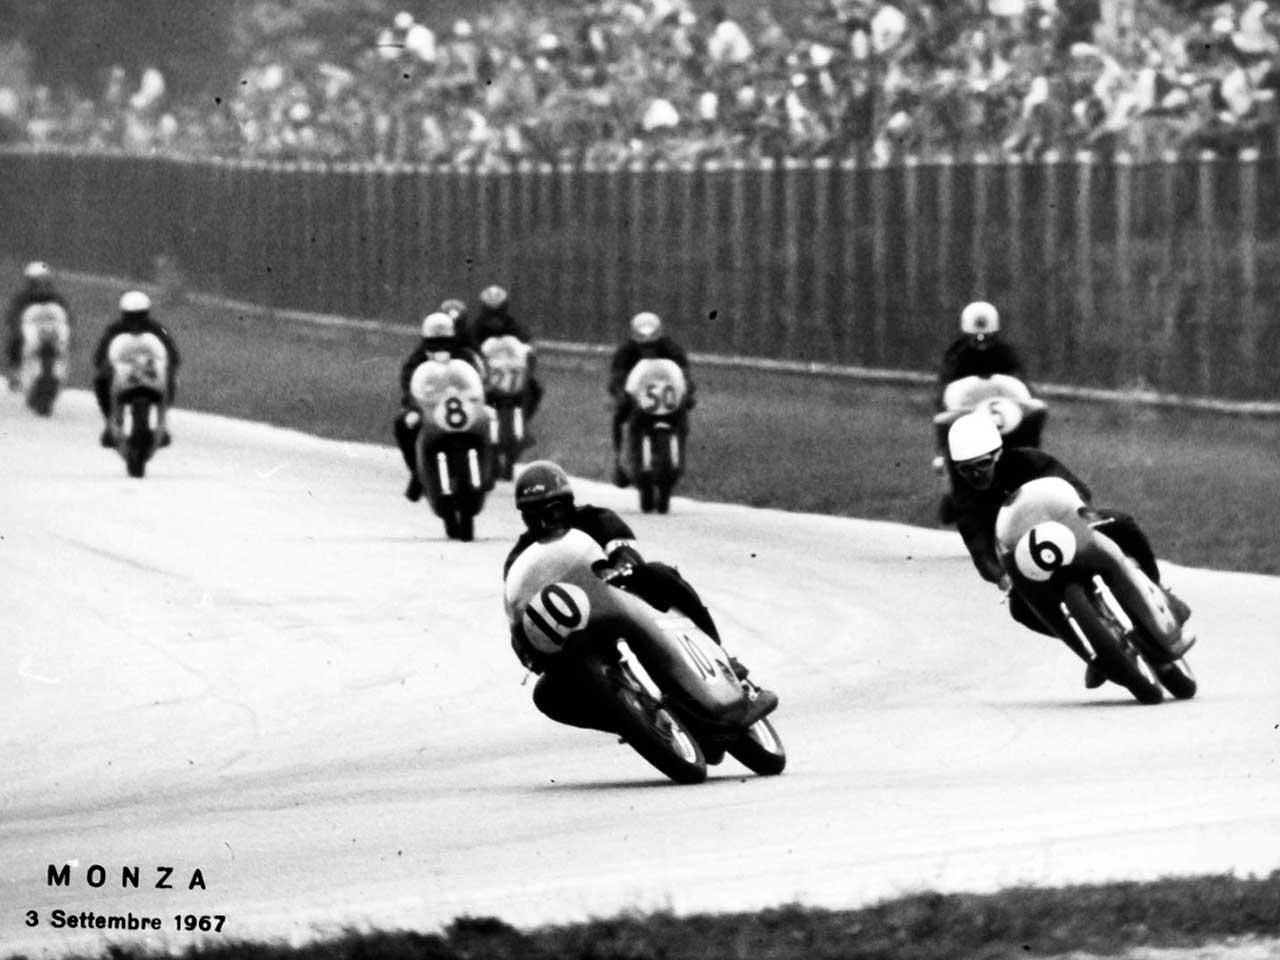 Paton_Storia-Anni60_Angelo-Bergamonti_Monza-Campionato-Mondiale-500cc-1967